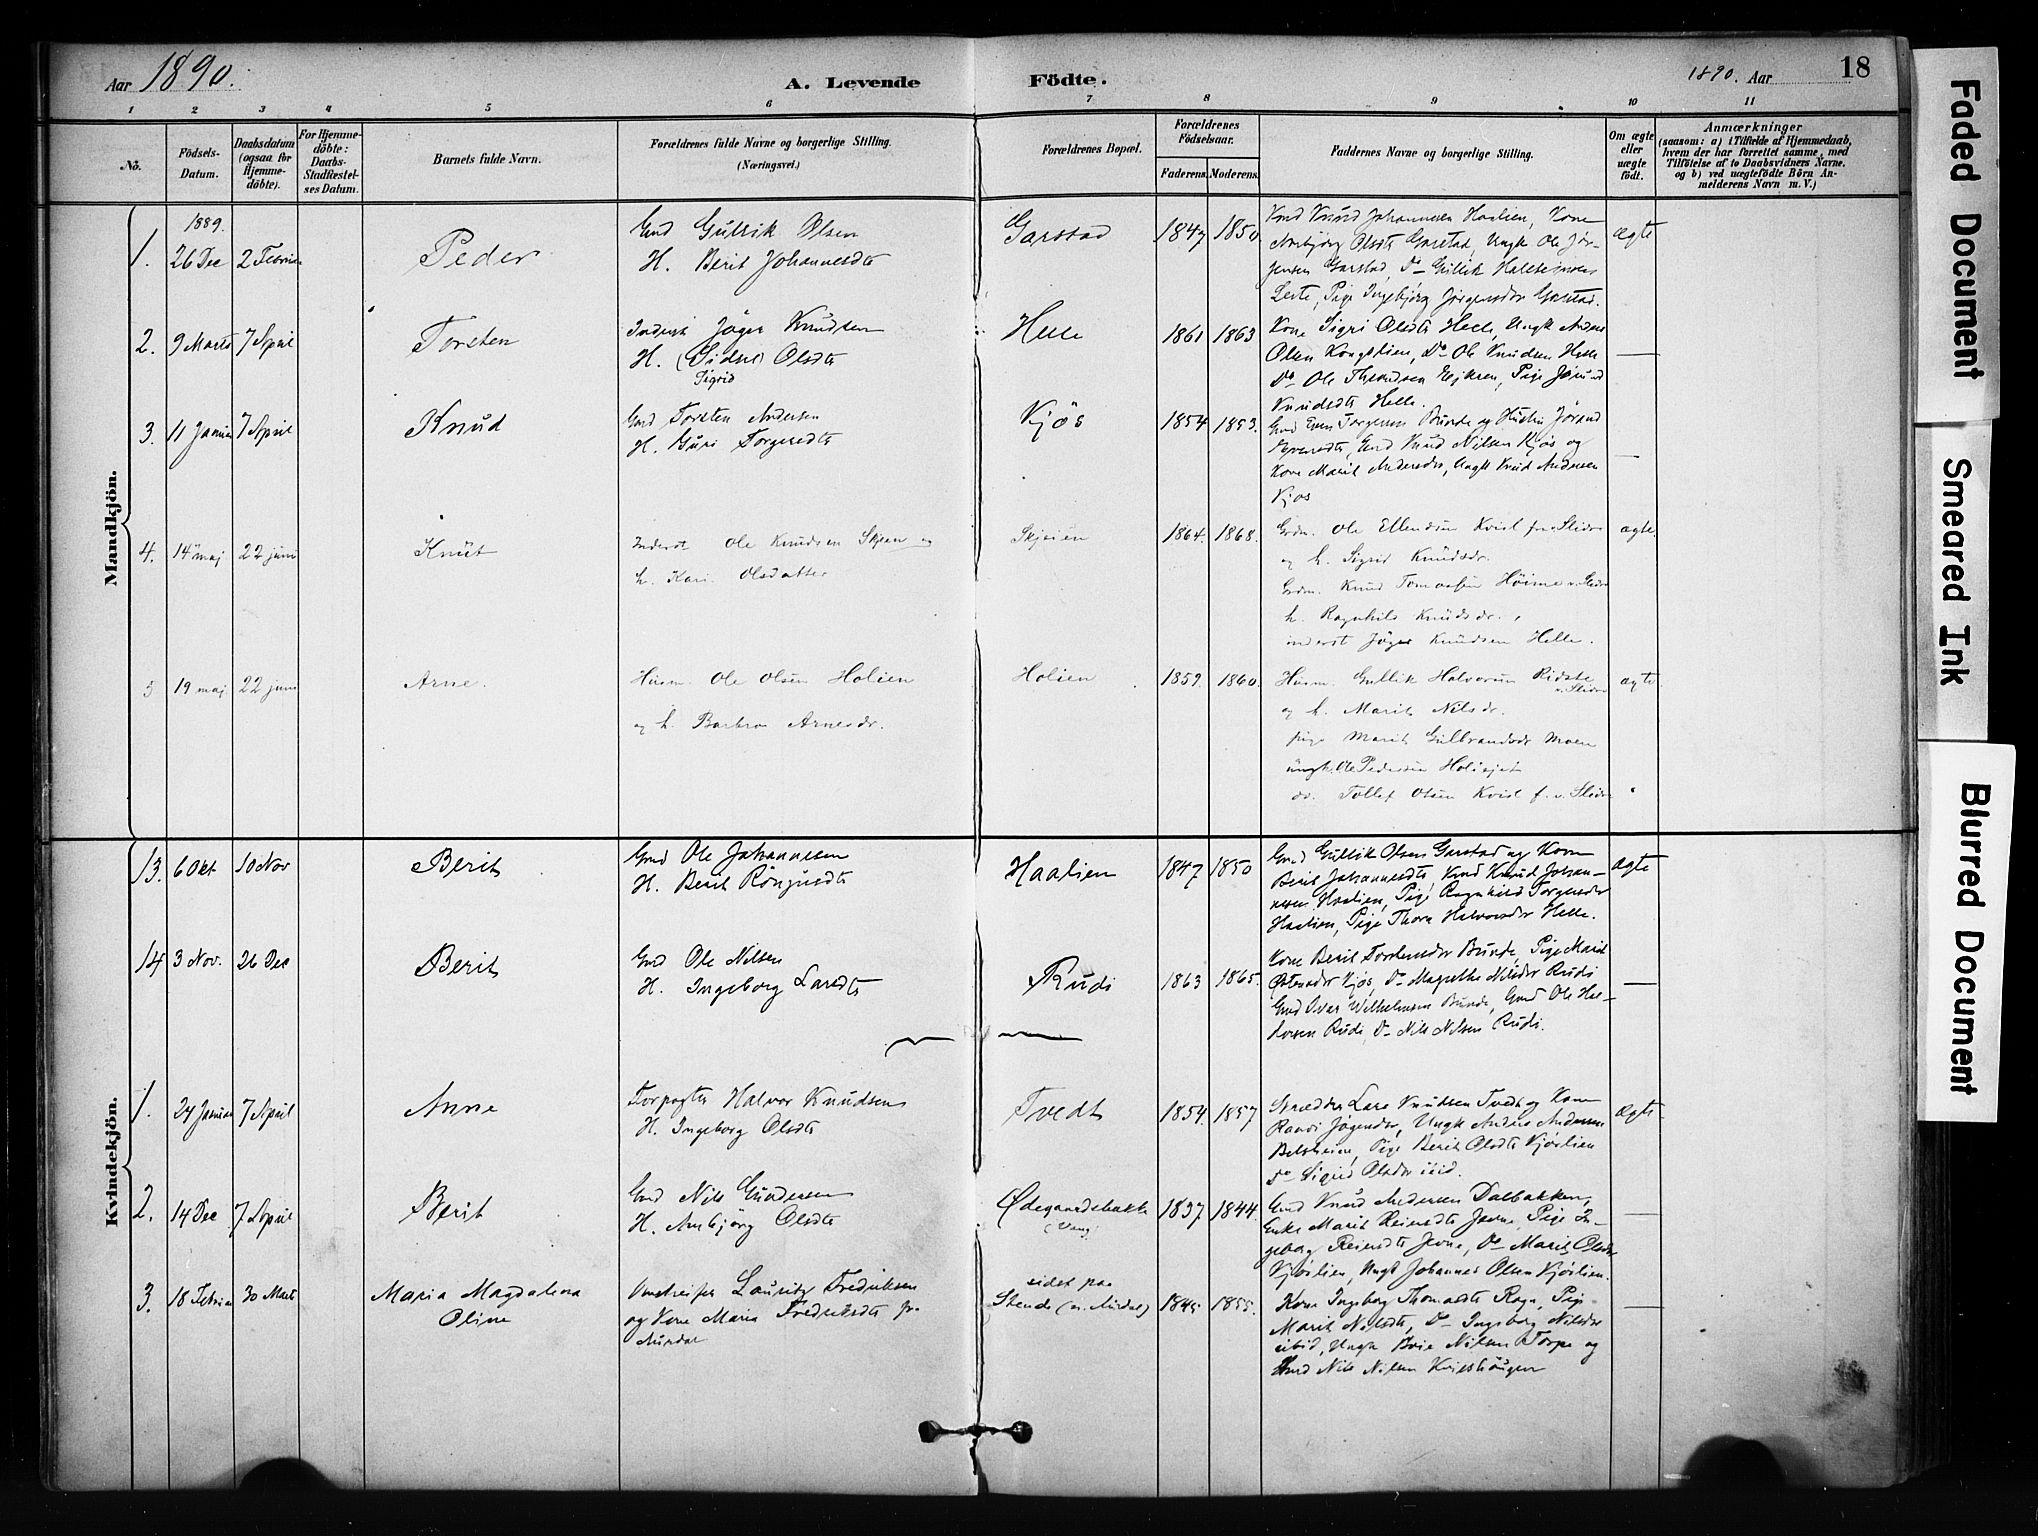 SAH, Vang prestekontor, Valdres, Ministerialbok nr. 9, 1882-1914, s. 18